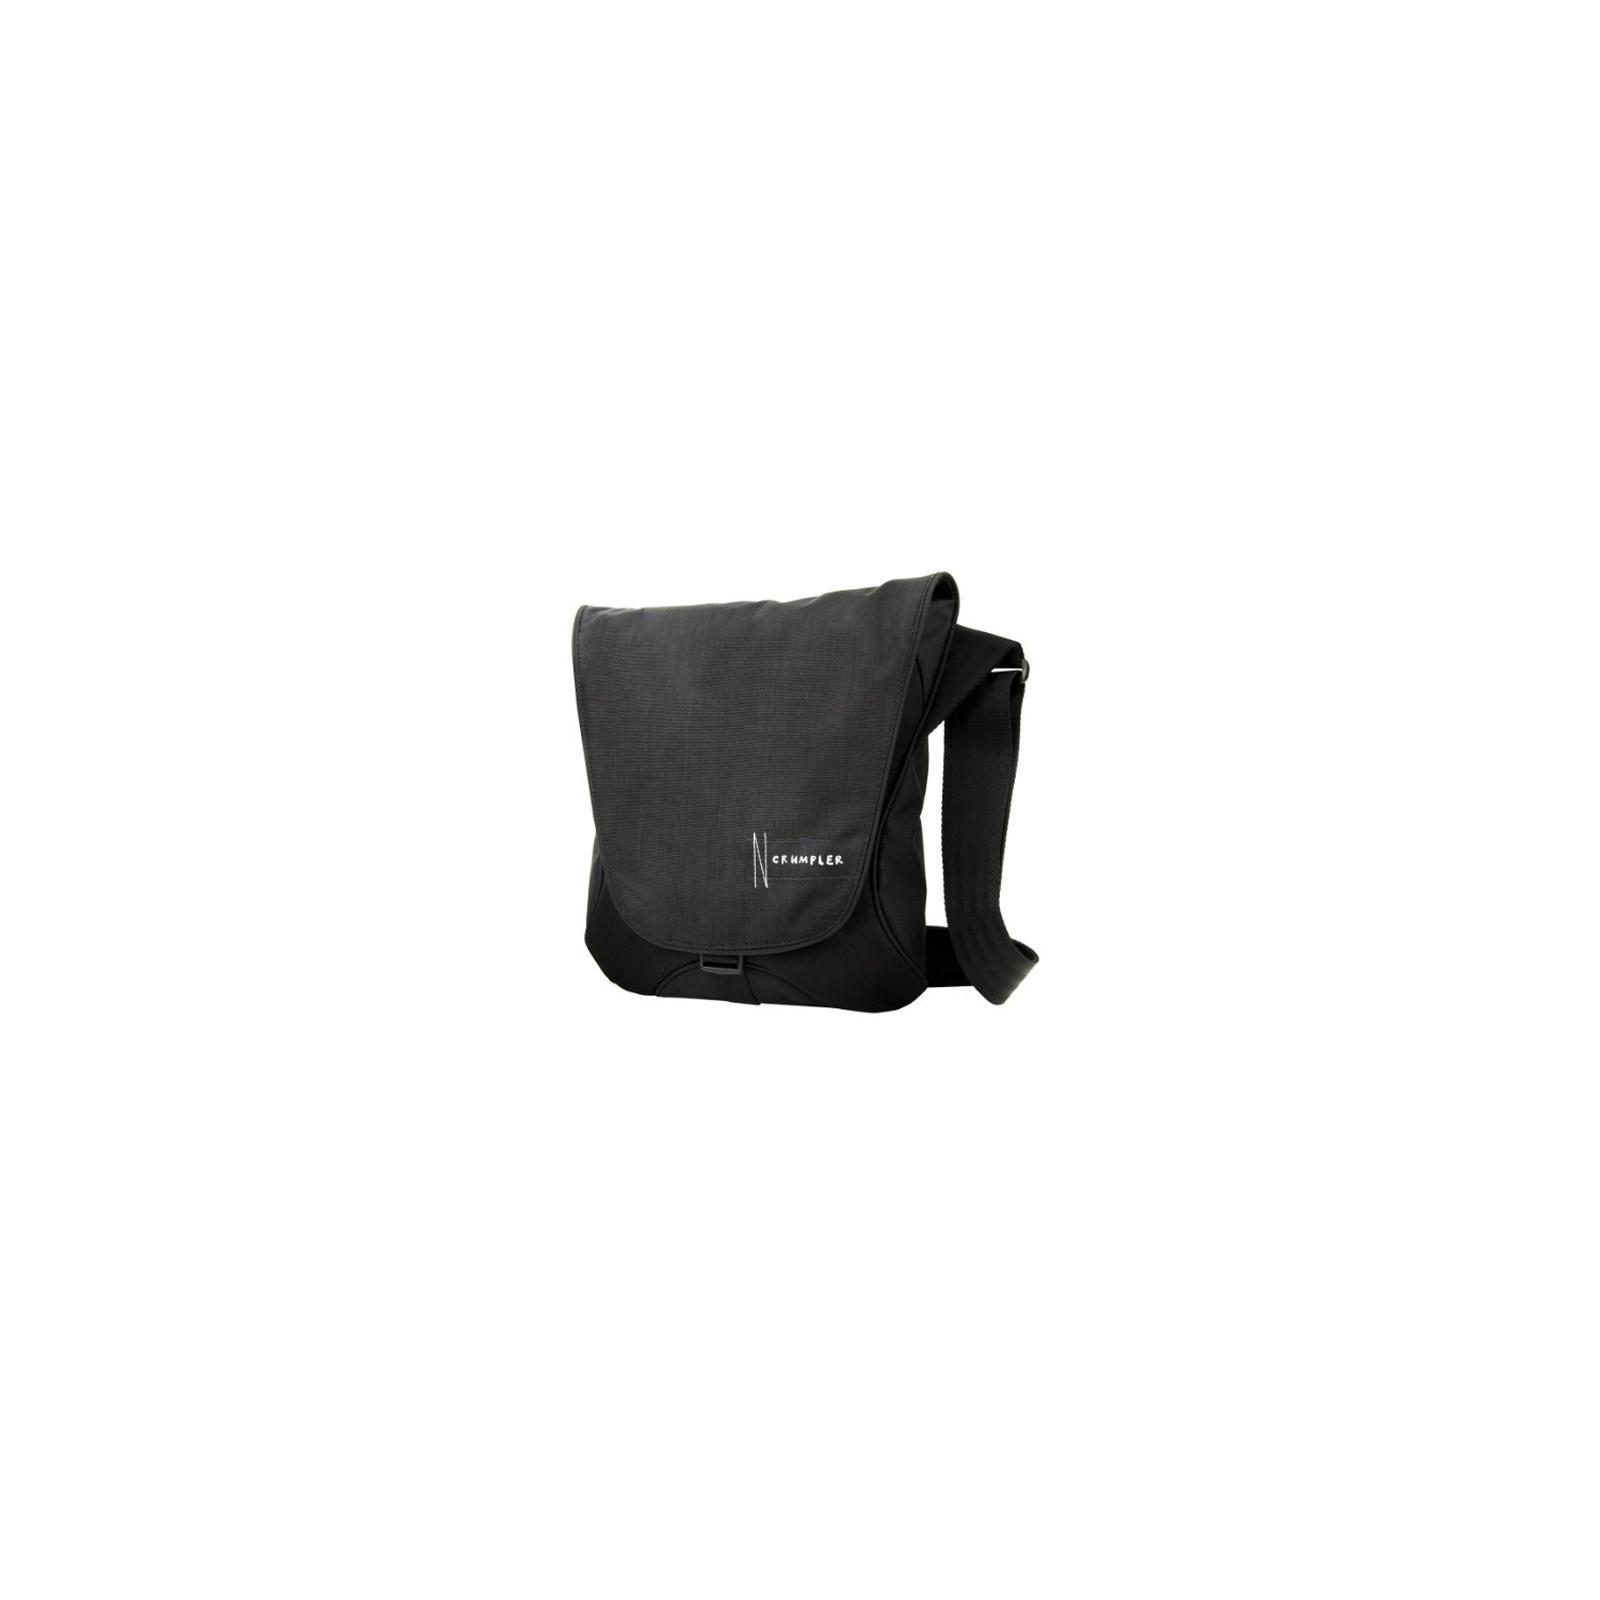 Чехол для планшета Crumpler 10 Prime Cut Tablet /black (PRCT-001) изображение 2